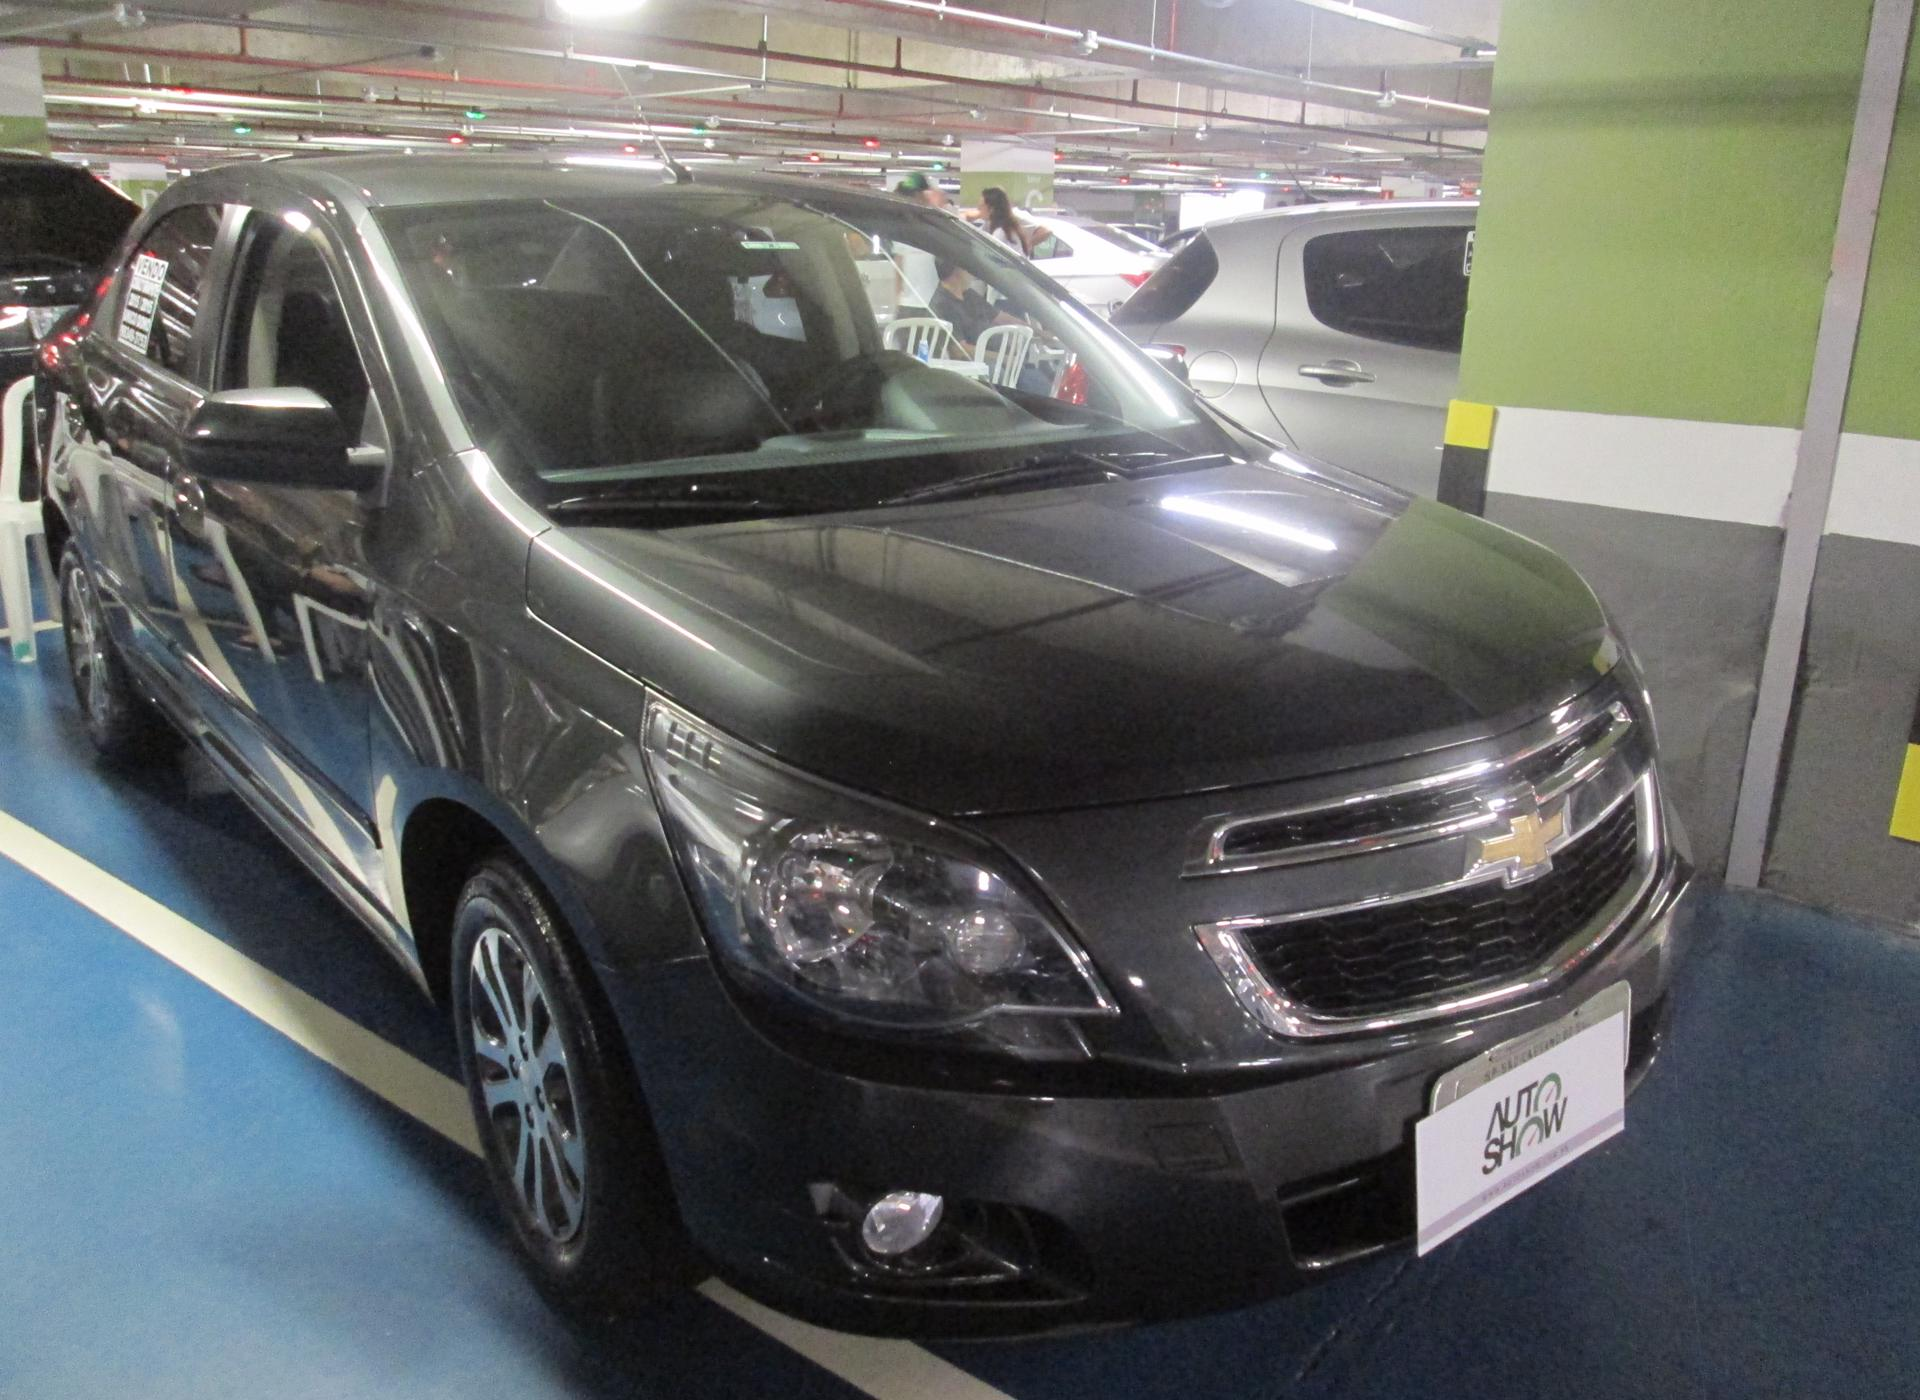 Feirão Auto Show Shopping ABC - CHEVROLET COBALT GRAPHITE 1.8 8V ECONO.FLEX 4P AUT 2015-2015